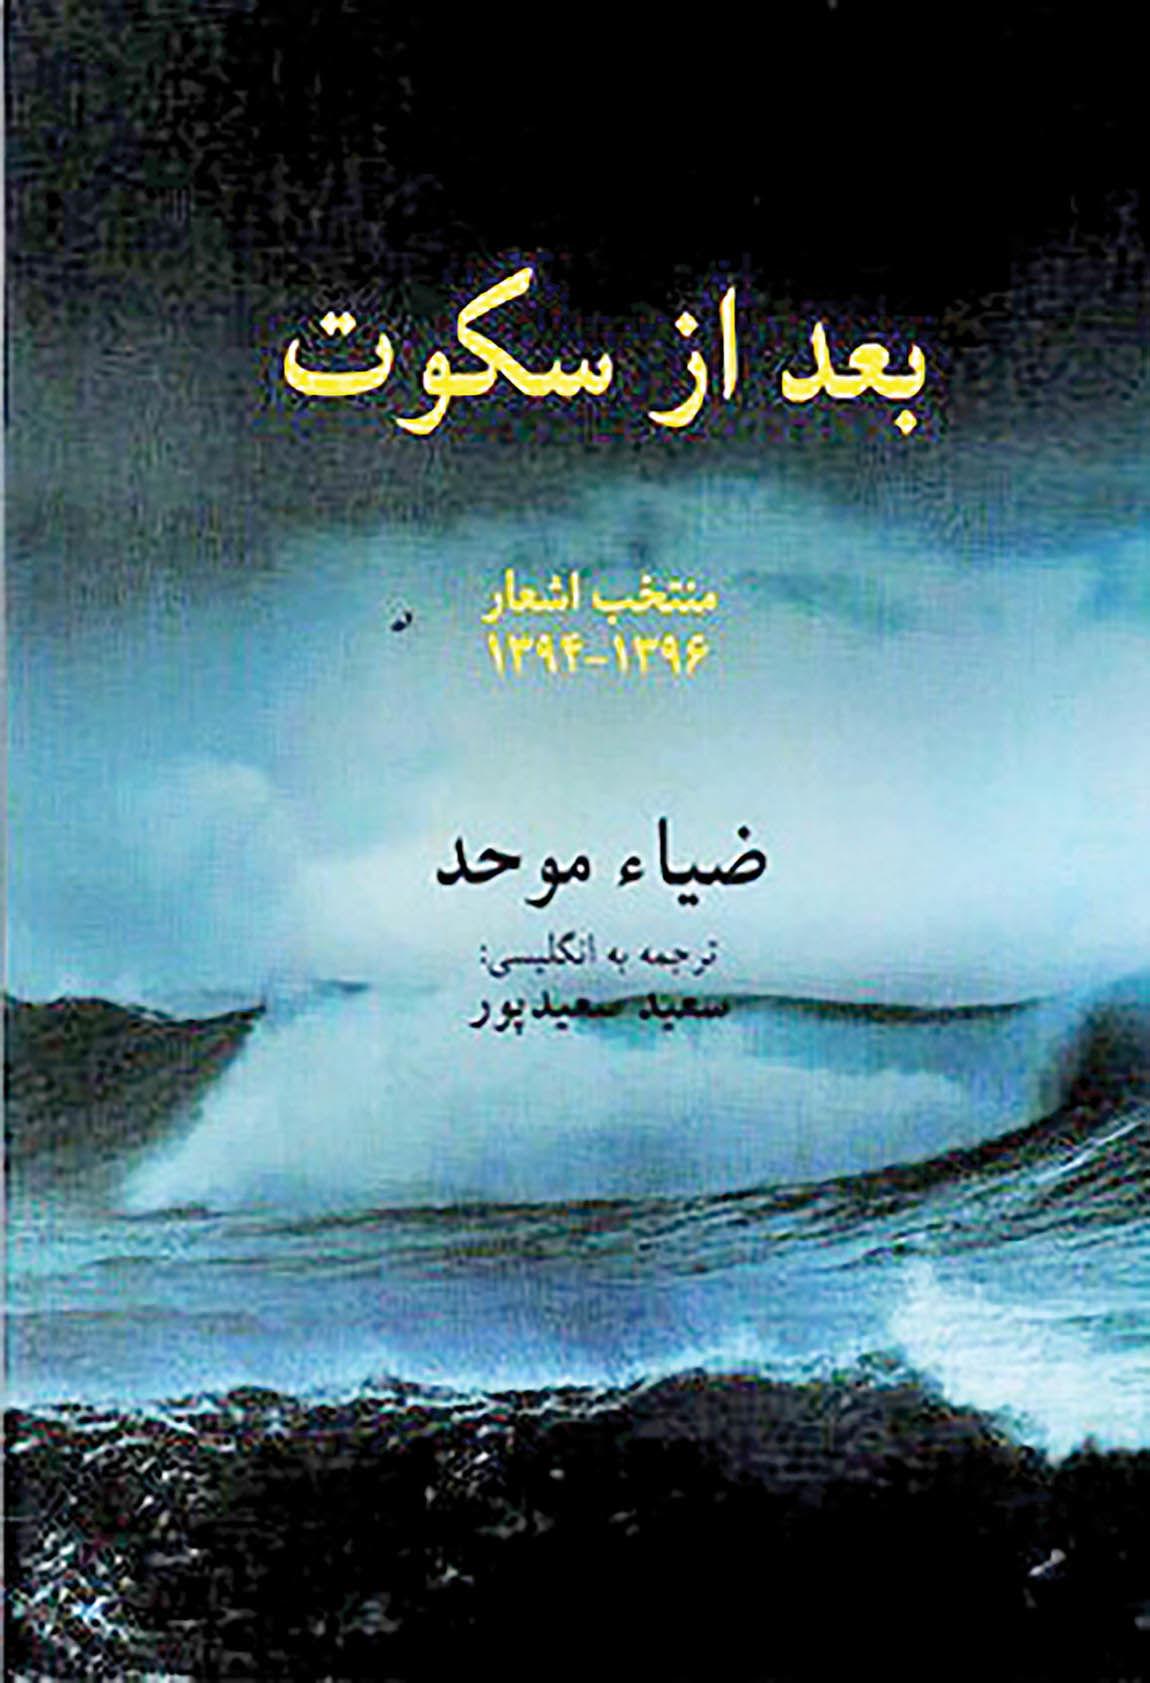 مجموعه شعر دو زبانه ضیاء موحد در کتابفروشیها